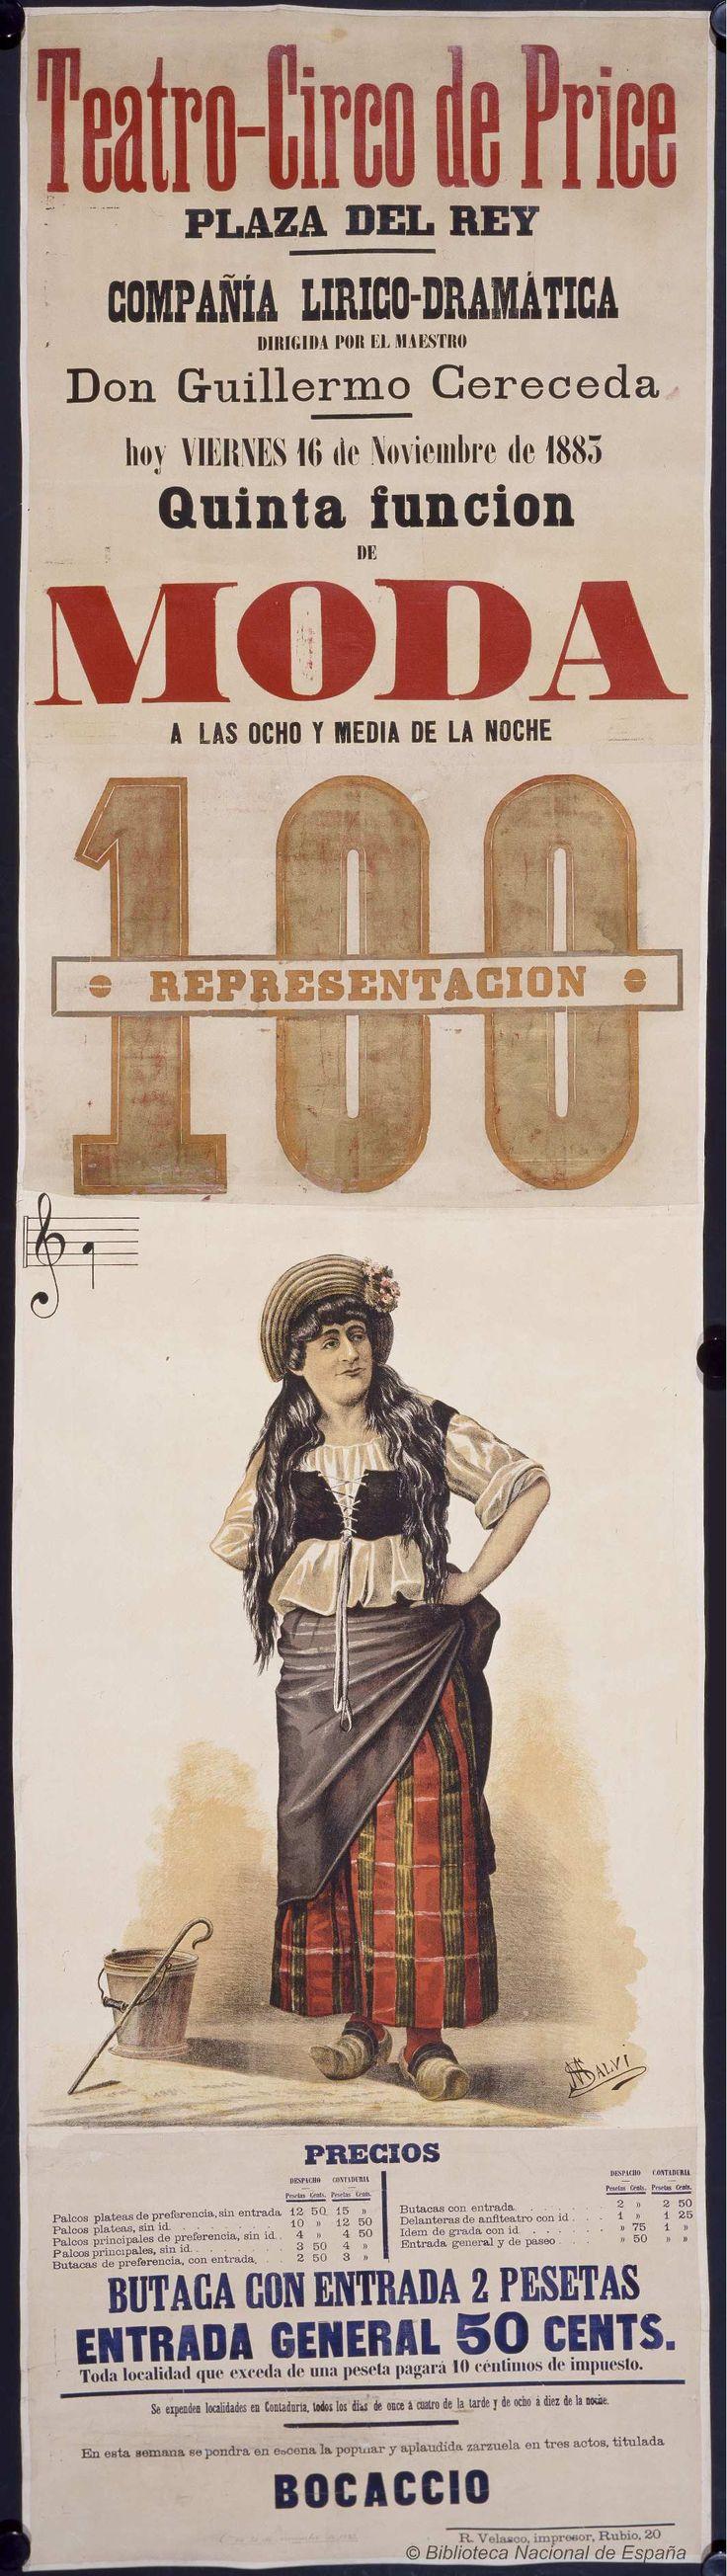 Quinta funcion de moda. Circo Price — Dibujos, grabados y fotografías — 1883 http://bdh-rd.bne.es/viewer.vm?id=0000018649